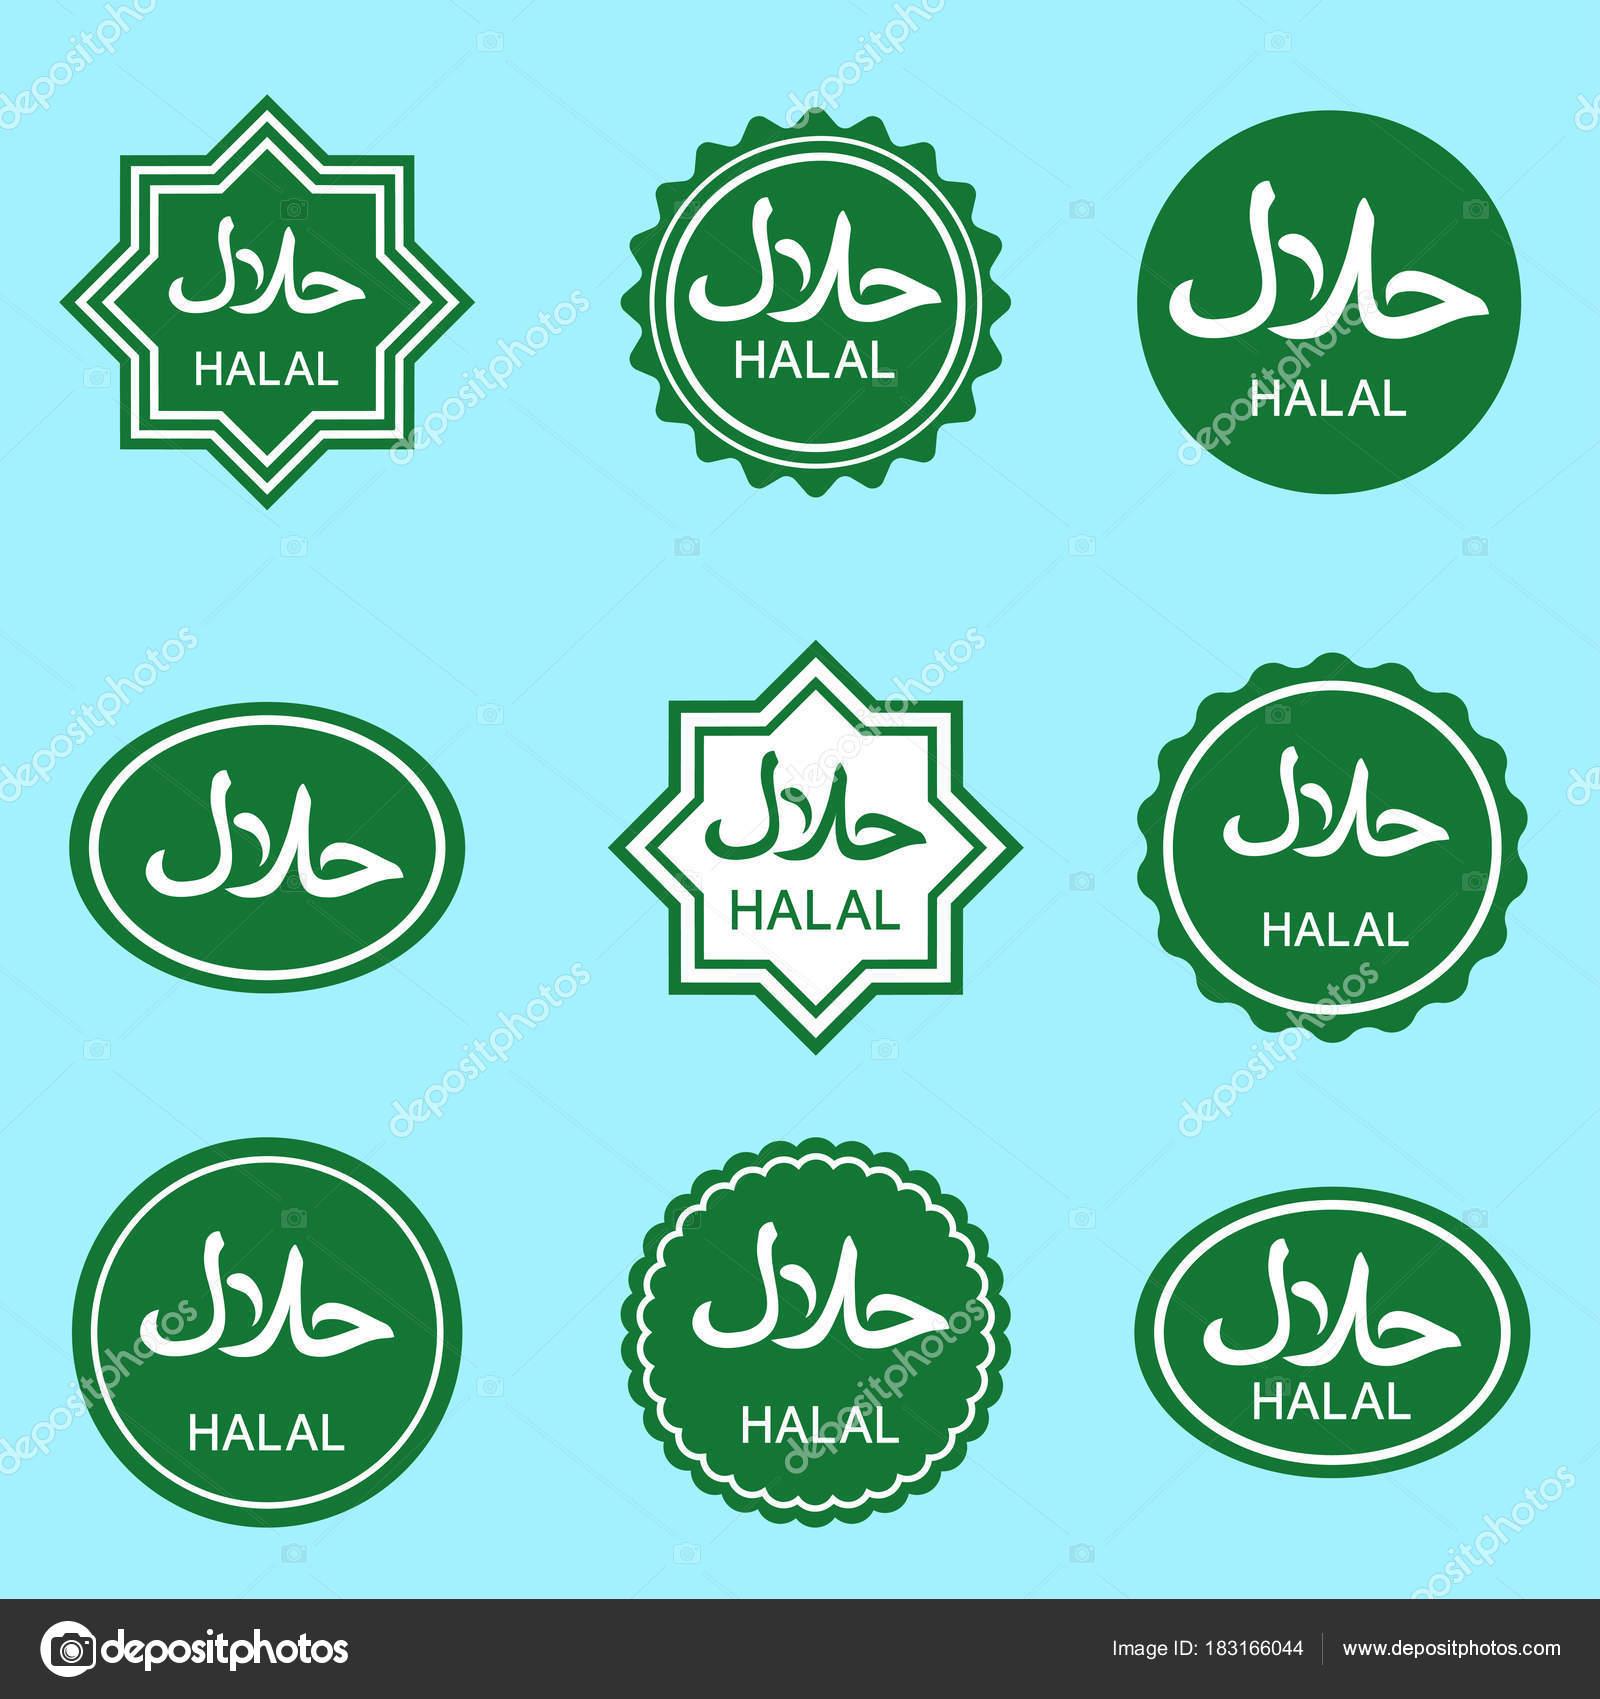 Halal food logo halal logo vector set halal banner stock vector halal food logo halal logo vector set halal banner stock vector buycottarizona